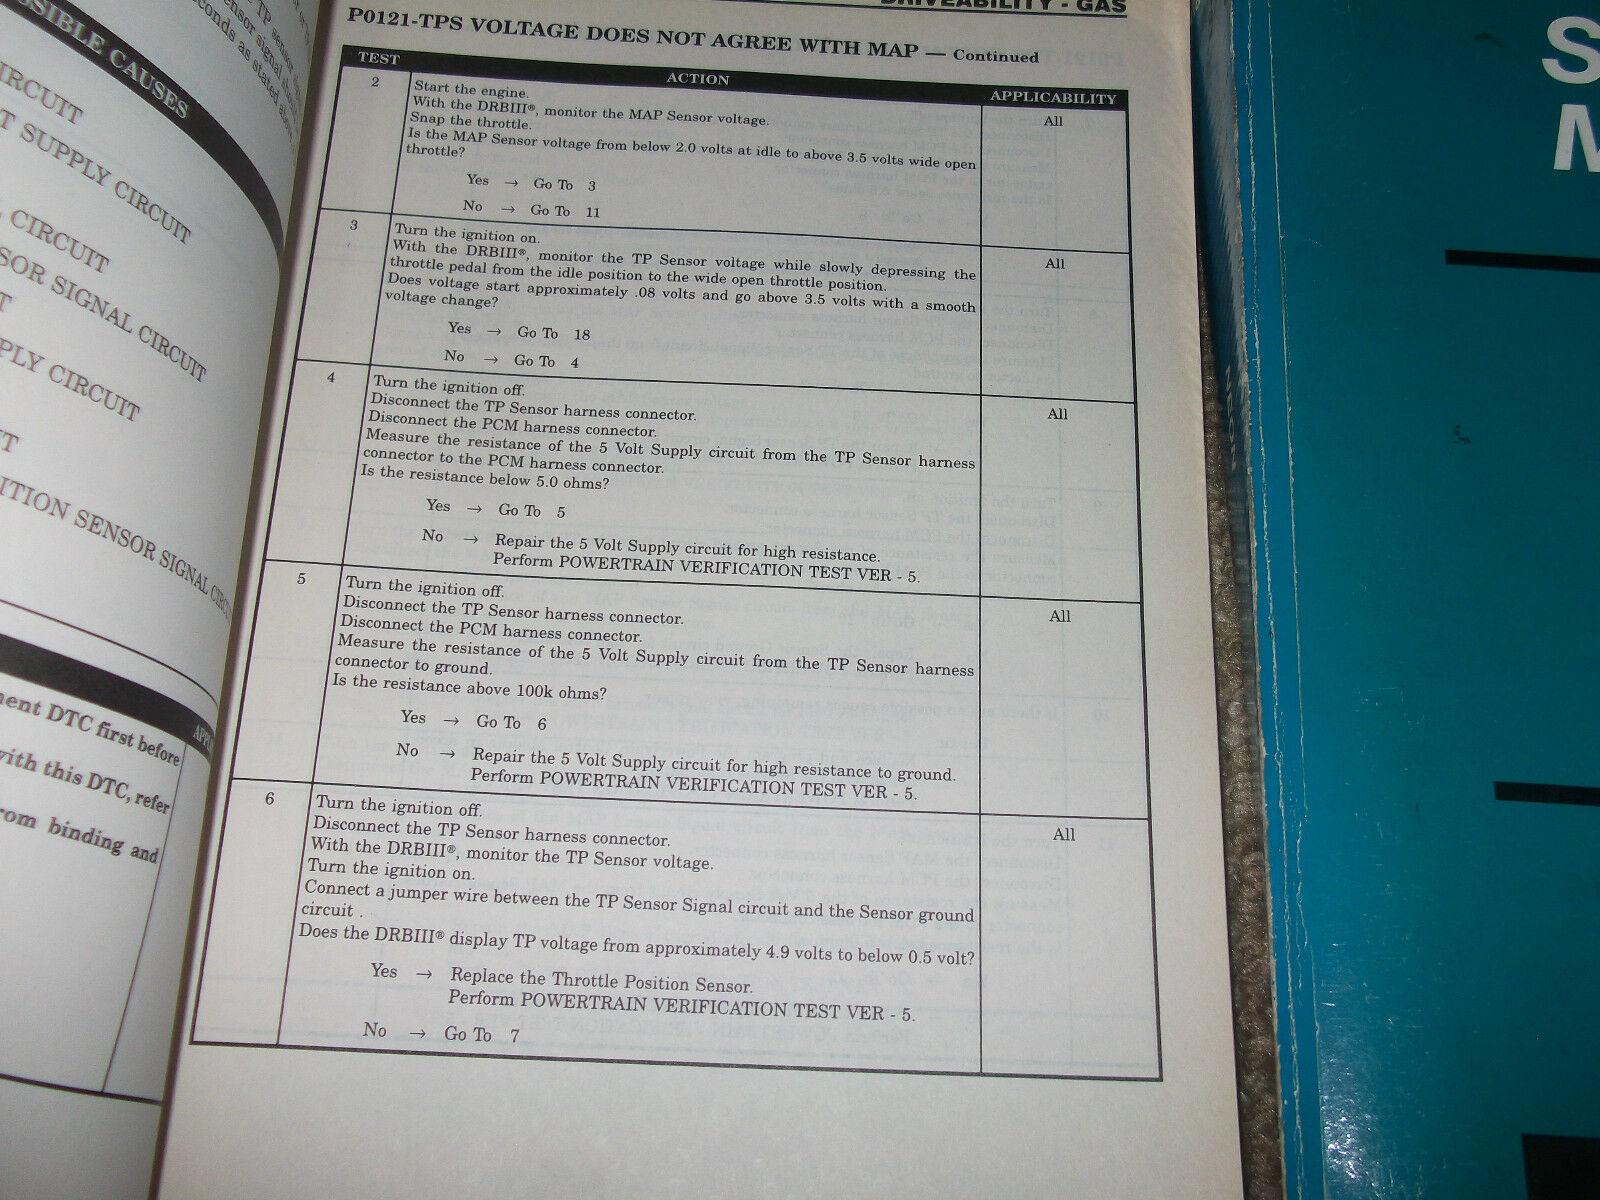 2001 Dodge Neon Shop Service Workshop Repair Manual Set W Diagnostics OEM image 4